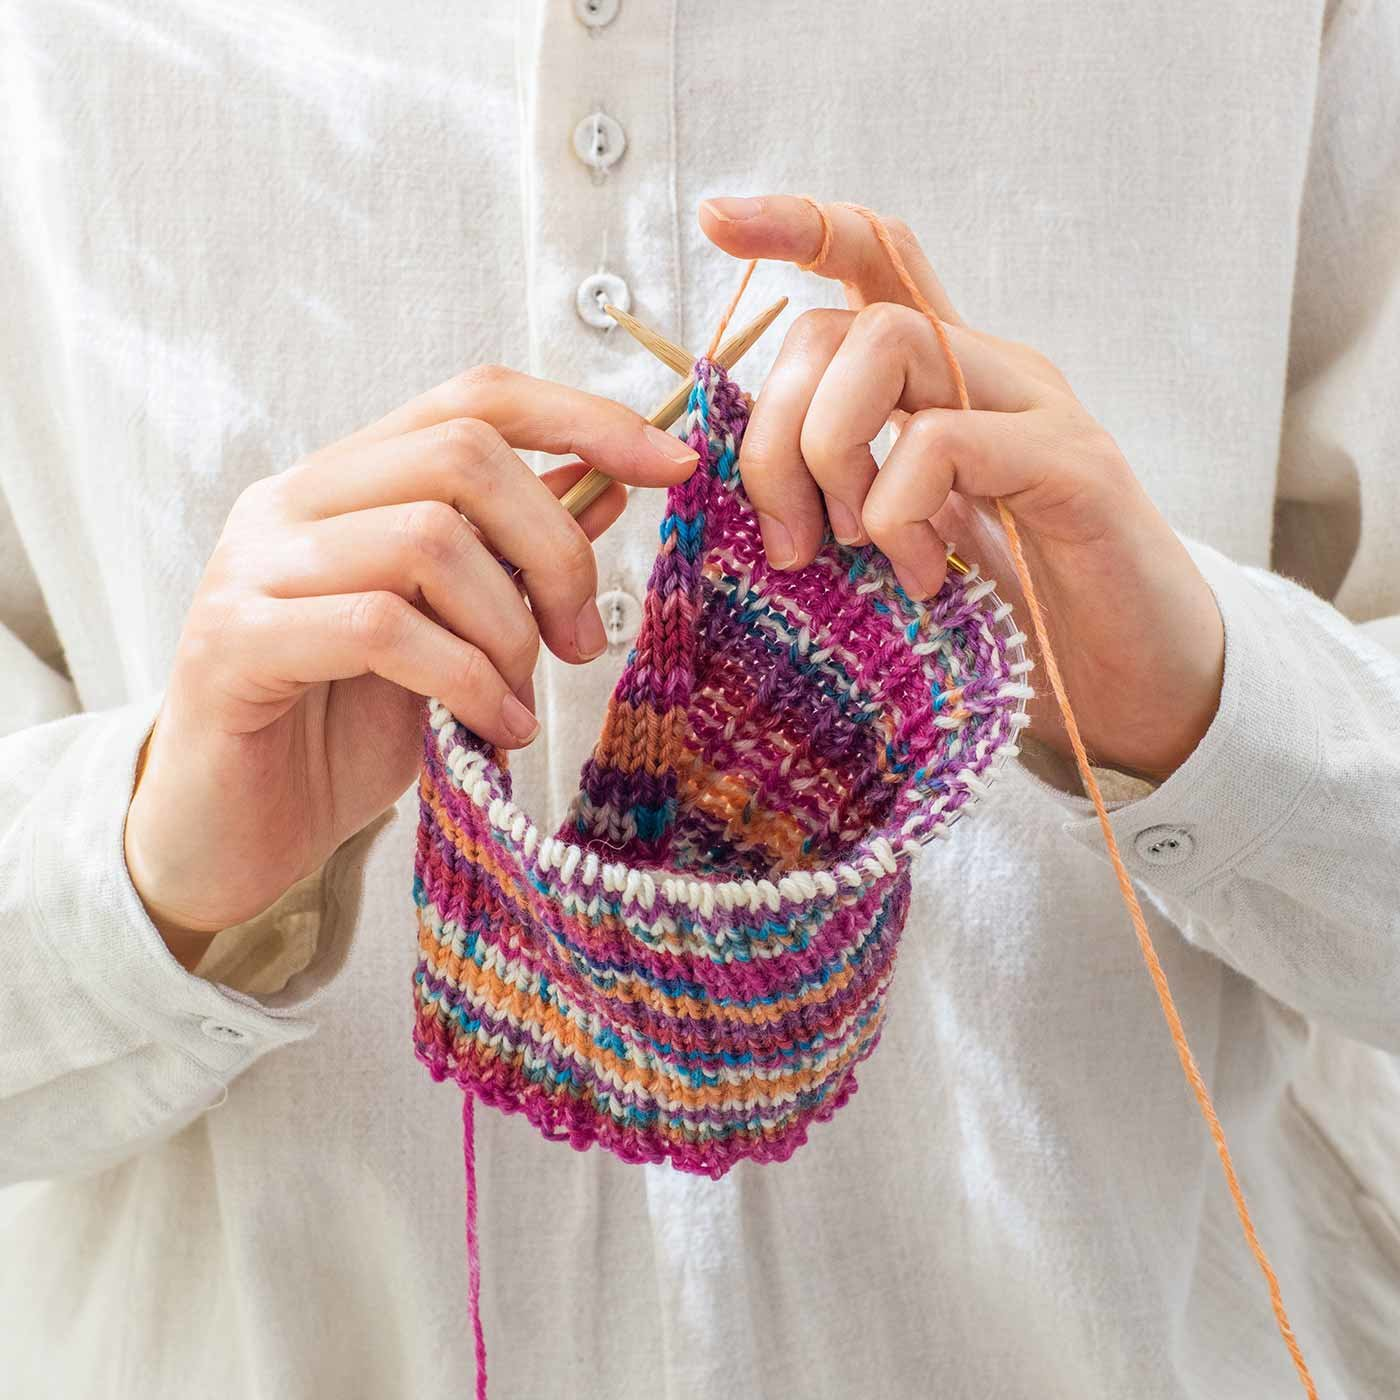 太めの毛糸で模様あそび 魔法の糸Opal 1玉で編めるニット小物の会